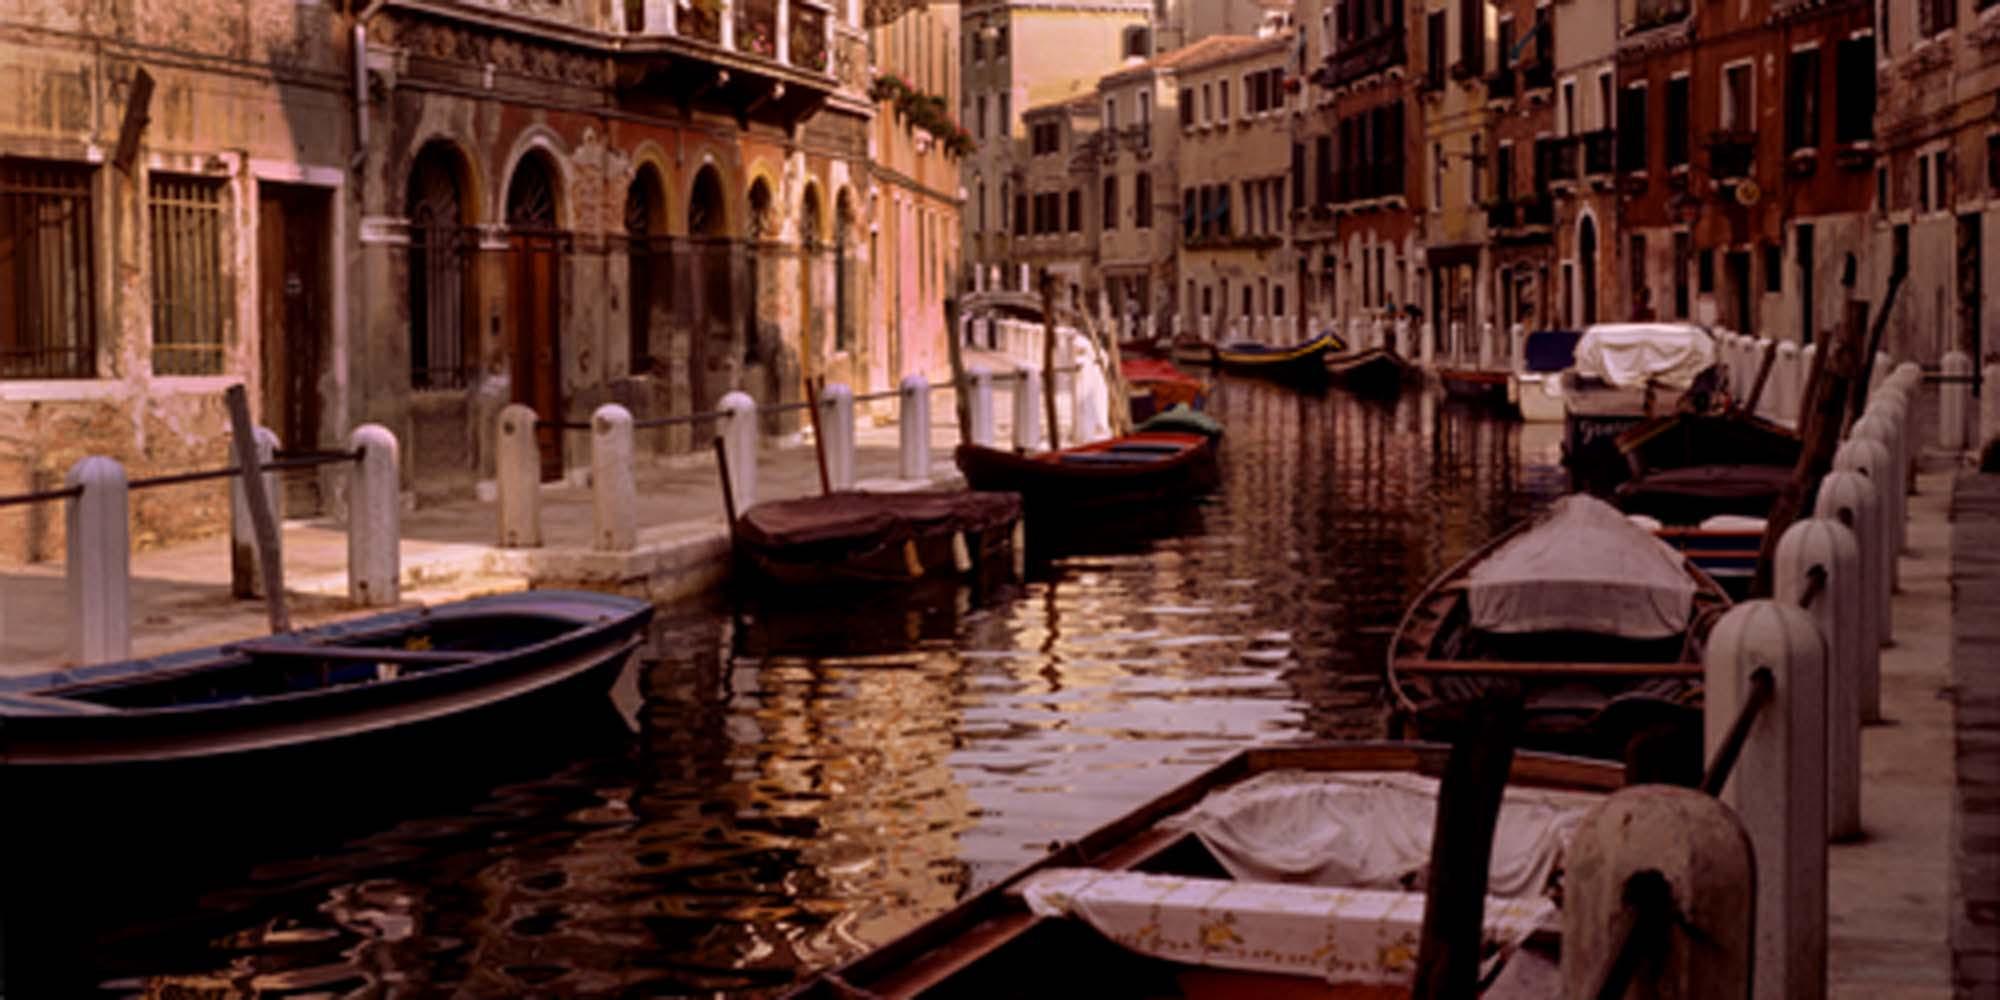 Rio Delle Eremite in the Accademia quarter, 1985